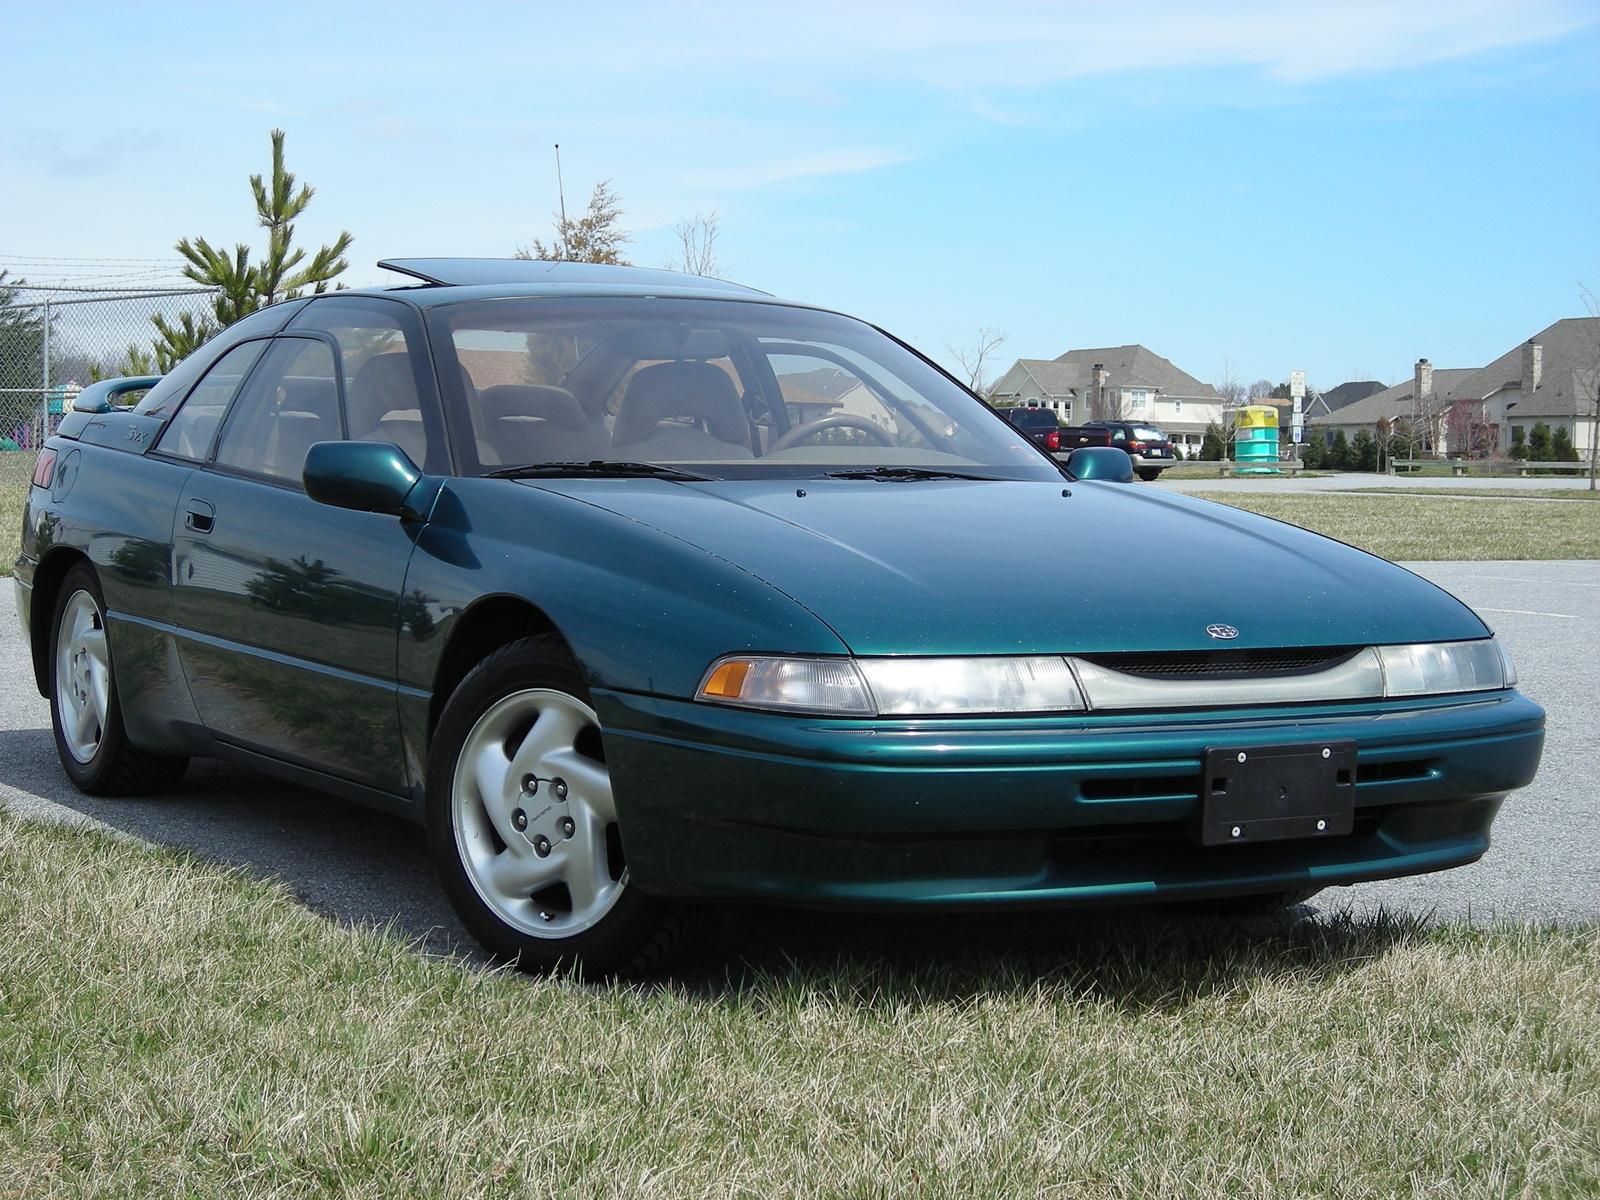 Subaru SVX (1996